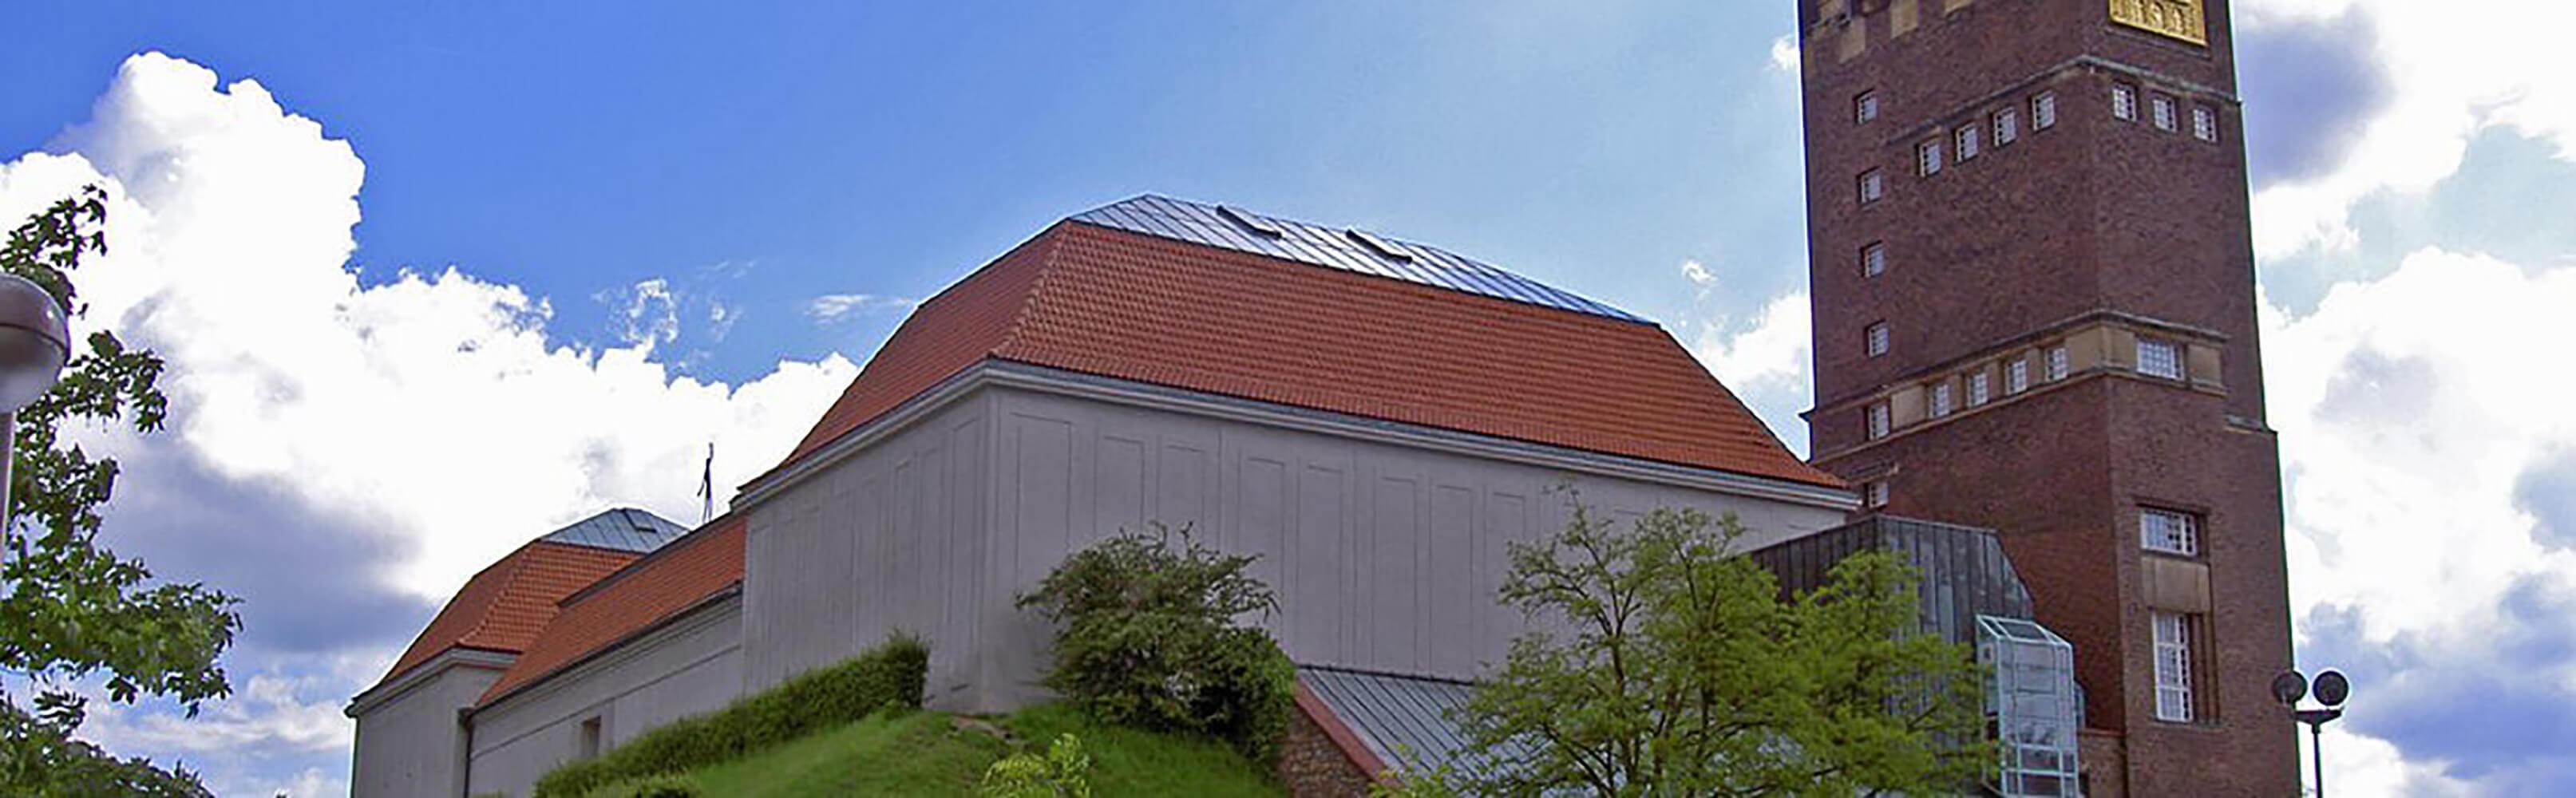 Darmstadt 1